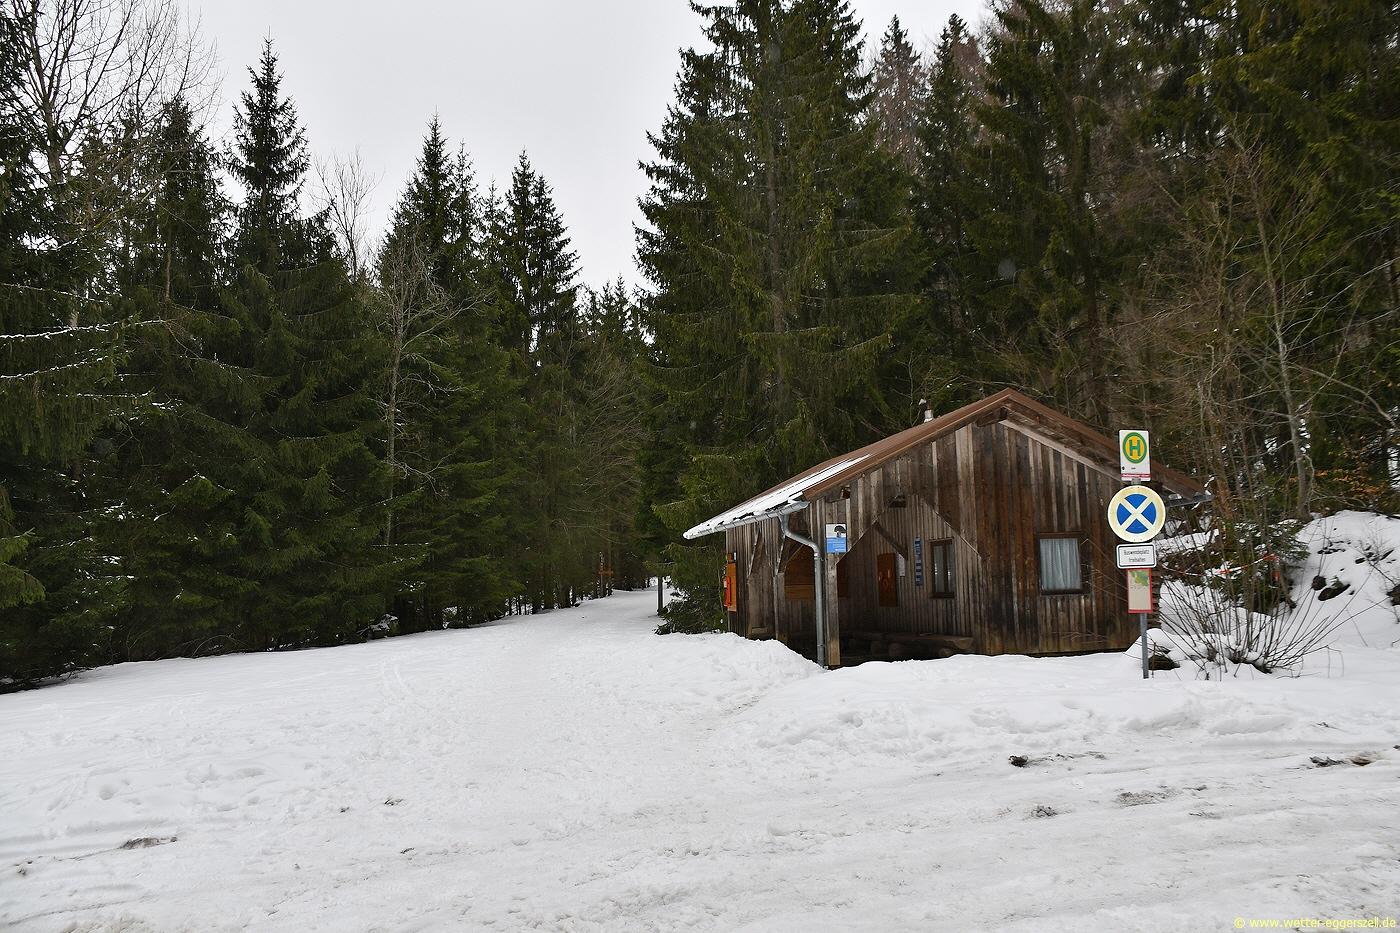 http://wetter-eggerszell.de/images/dsc_3475.jpg